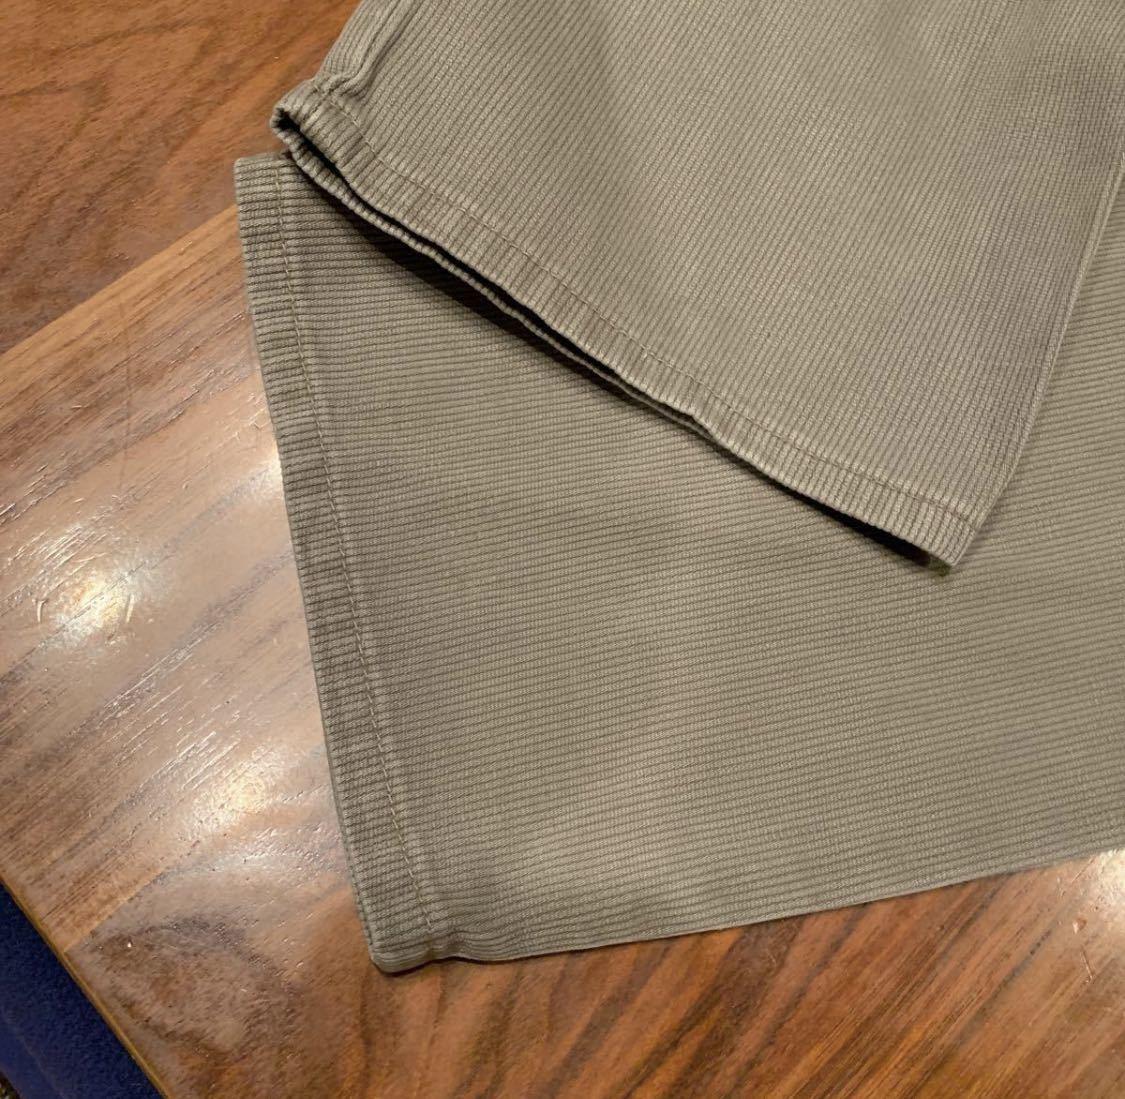 日本製 キレイ リーバイス 513 BIG E ストレート コーデュロイ W33 細畝 90s Levi's vintage 519 517_画像3